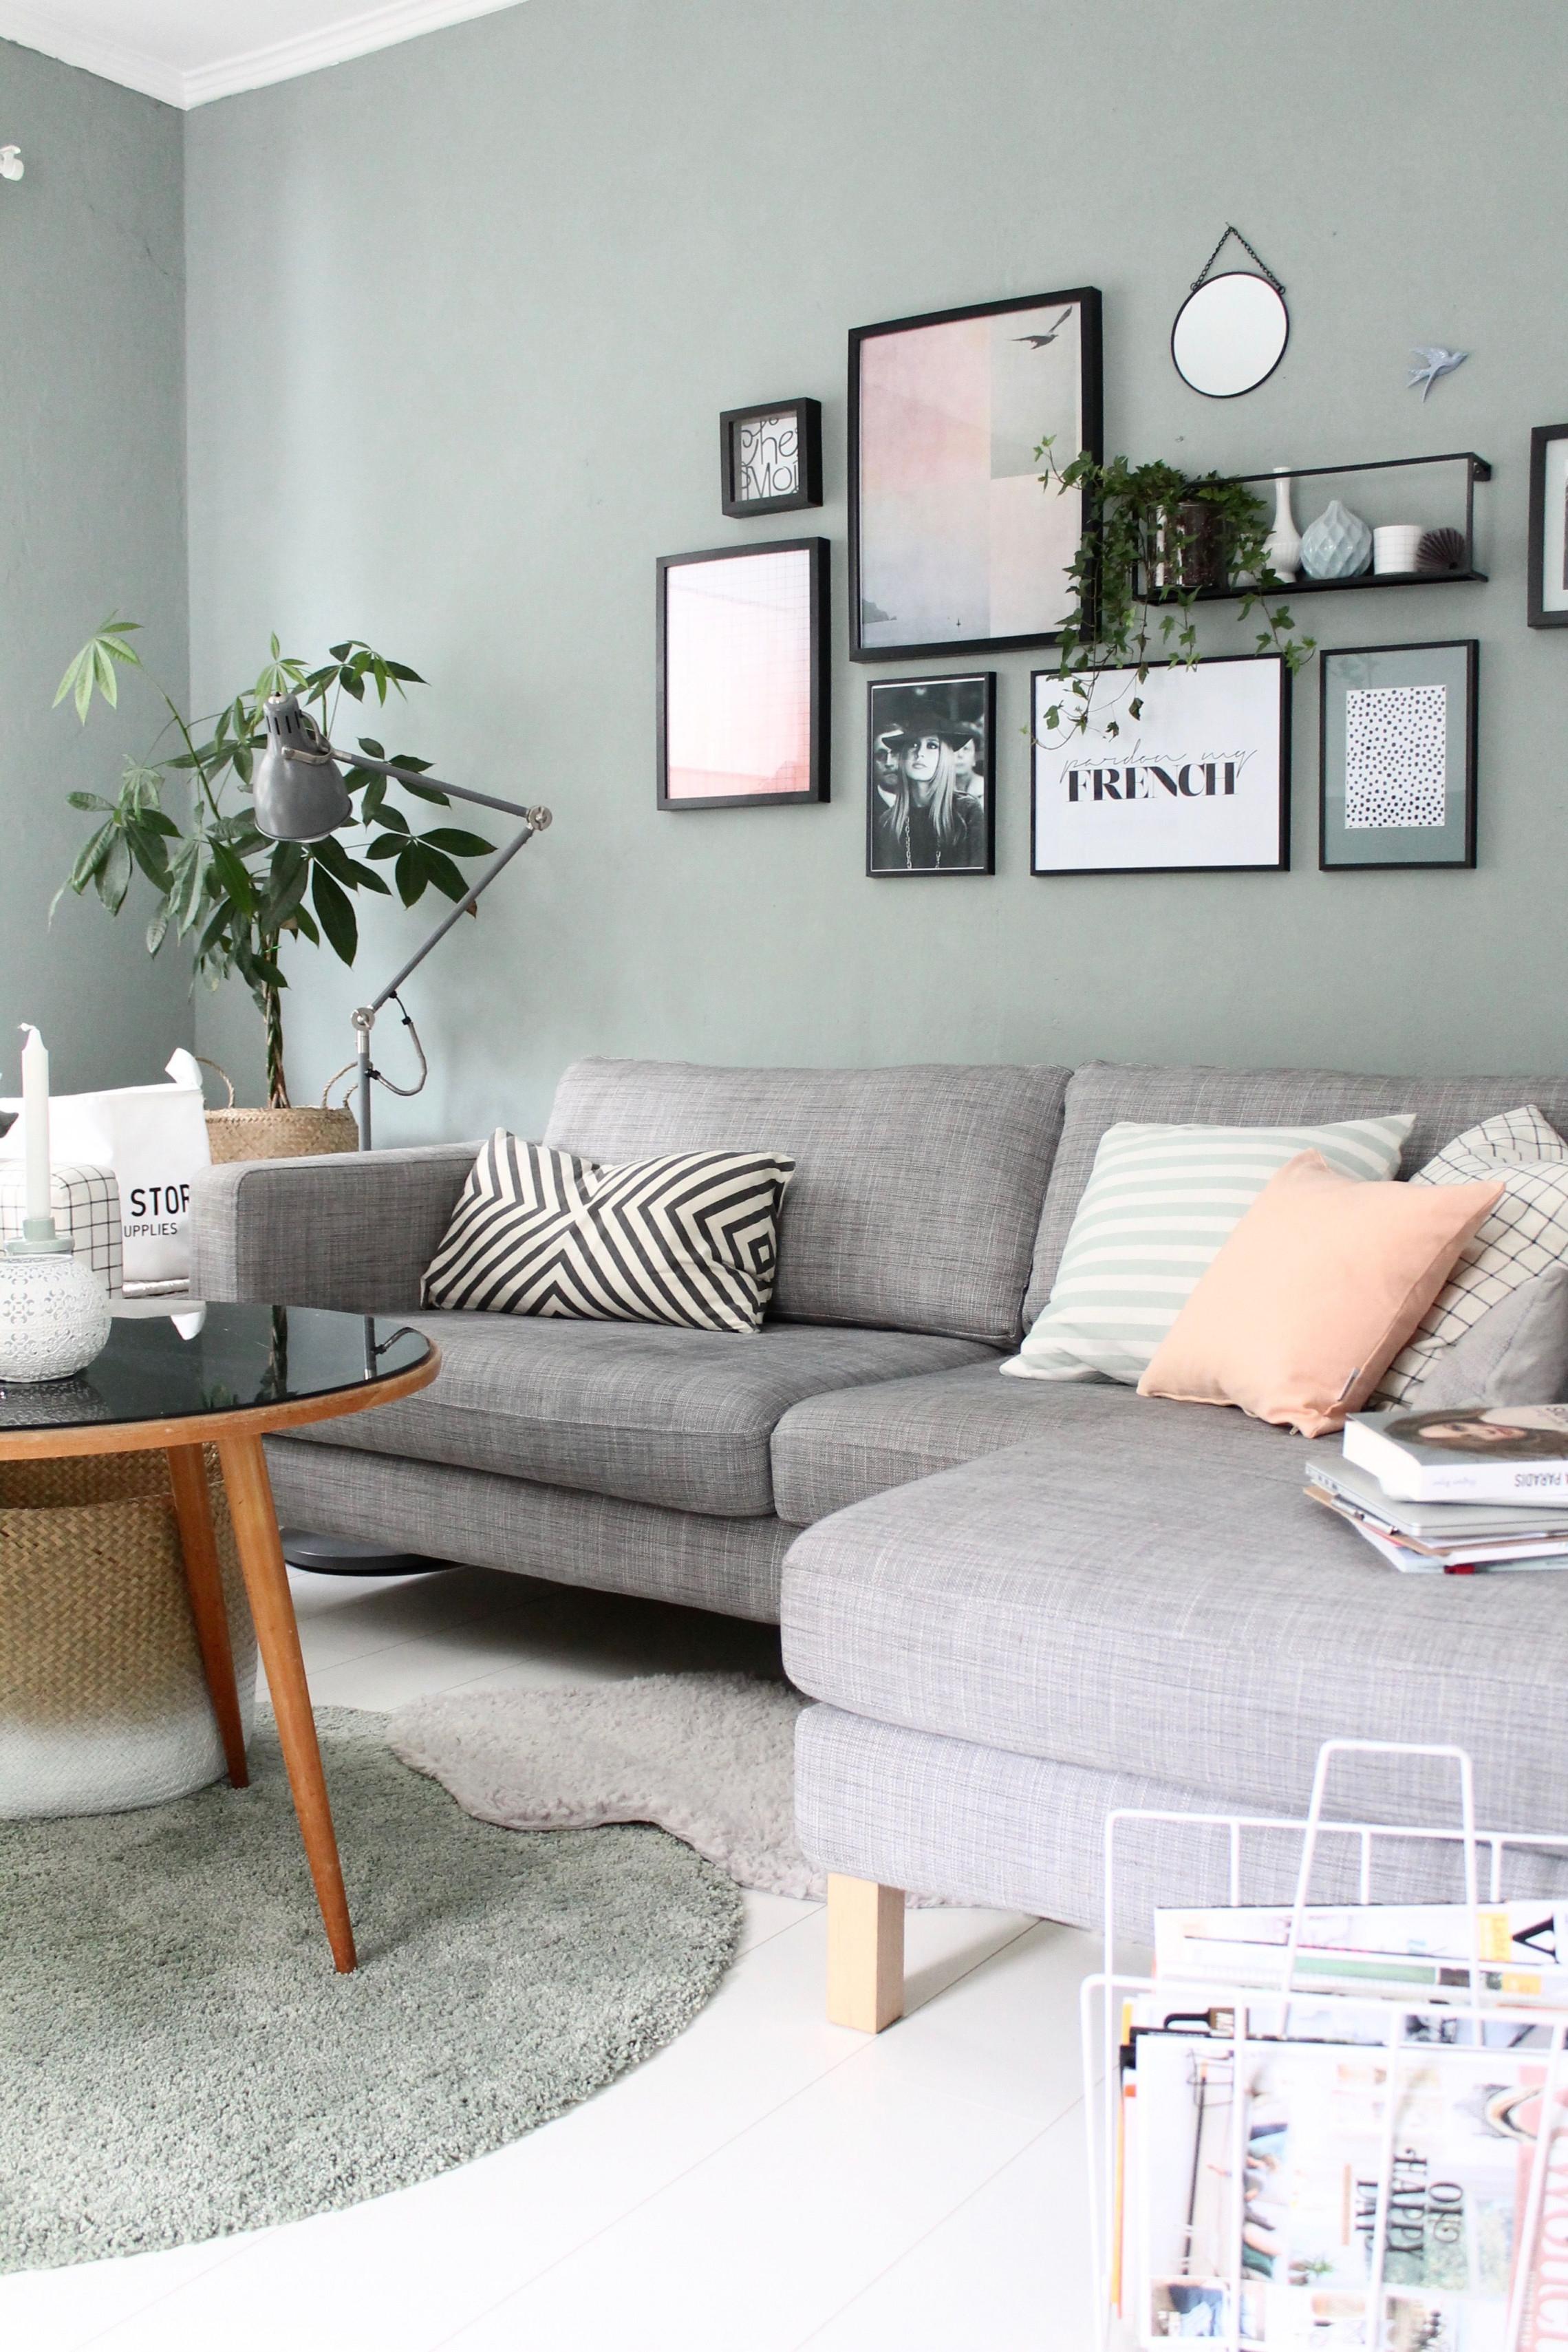 Eine Sanfte Wandfarbe Im Wohnzimmer Wwwkolorat Kolorat von Moderne Wandfarbe Wohnzimmer Bild